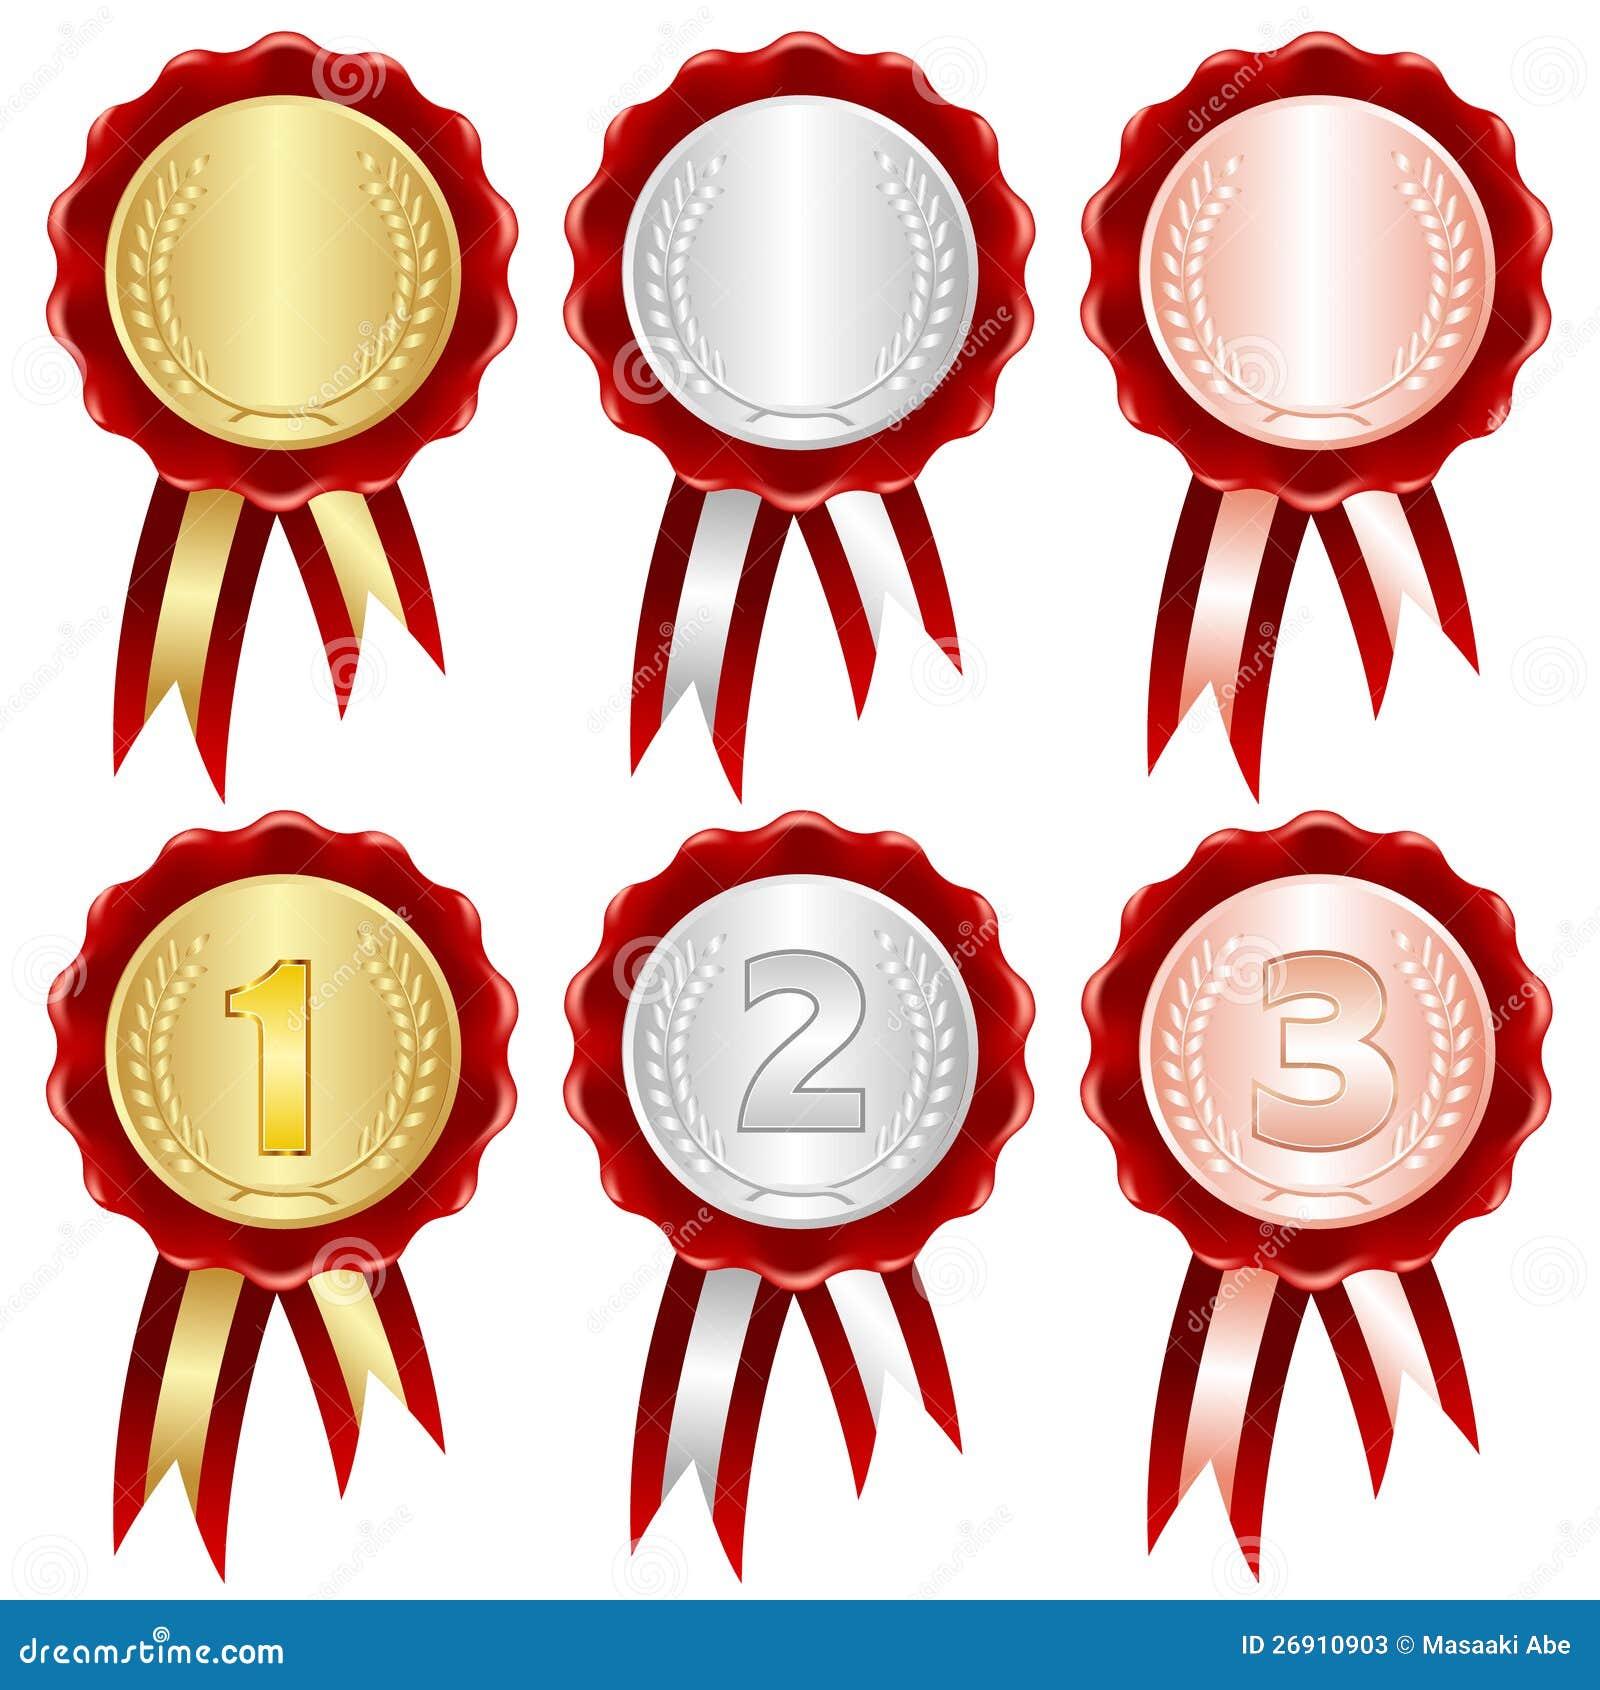 Medalla stock de ilustración. Ilustración de fondo, material - 26910903